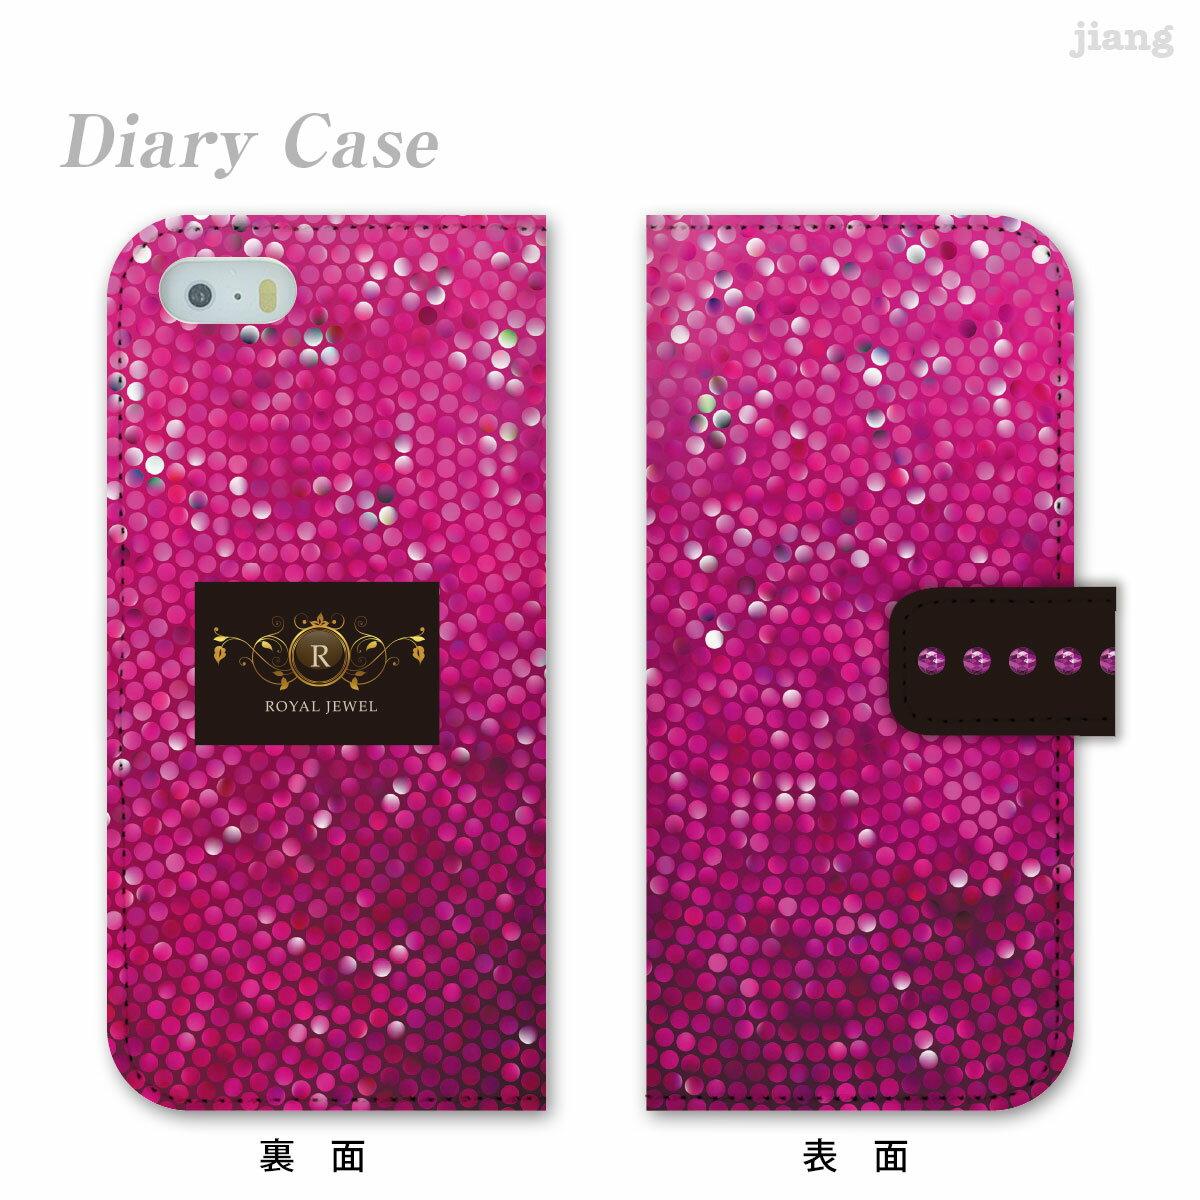 スマホケース 手帳型 全機種対応 手帳 ケース カバー レザー iPhoneXS Max iPhoneXR iPhoneX iPhone8 iPhone7 iPhone Xperia 1 SO-03L SOV40 Ase XZ3 SO-01L XZ2 SO-05K XZ1 XZ aquos R3 sh-04l shv44 R2 sh-04k sense2 galaxy S10 S9 S8 キラキラジュエリー 01-ip5-ds2372